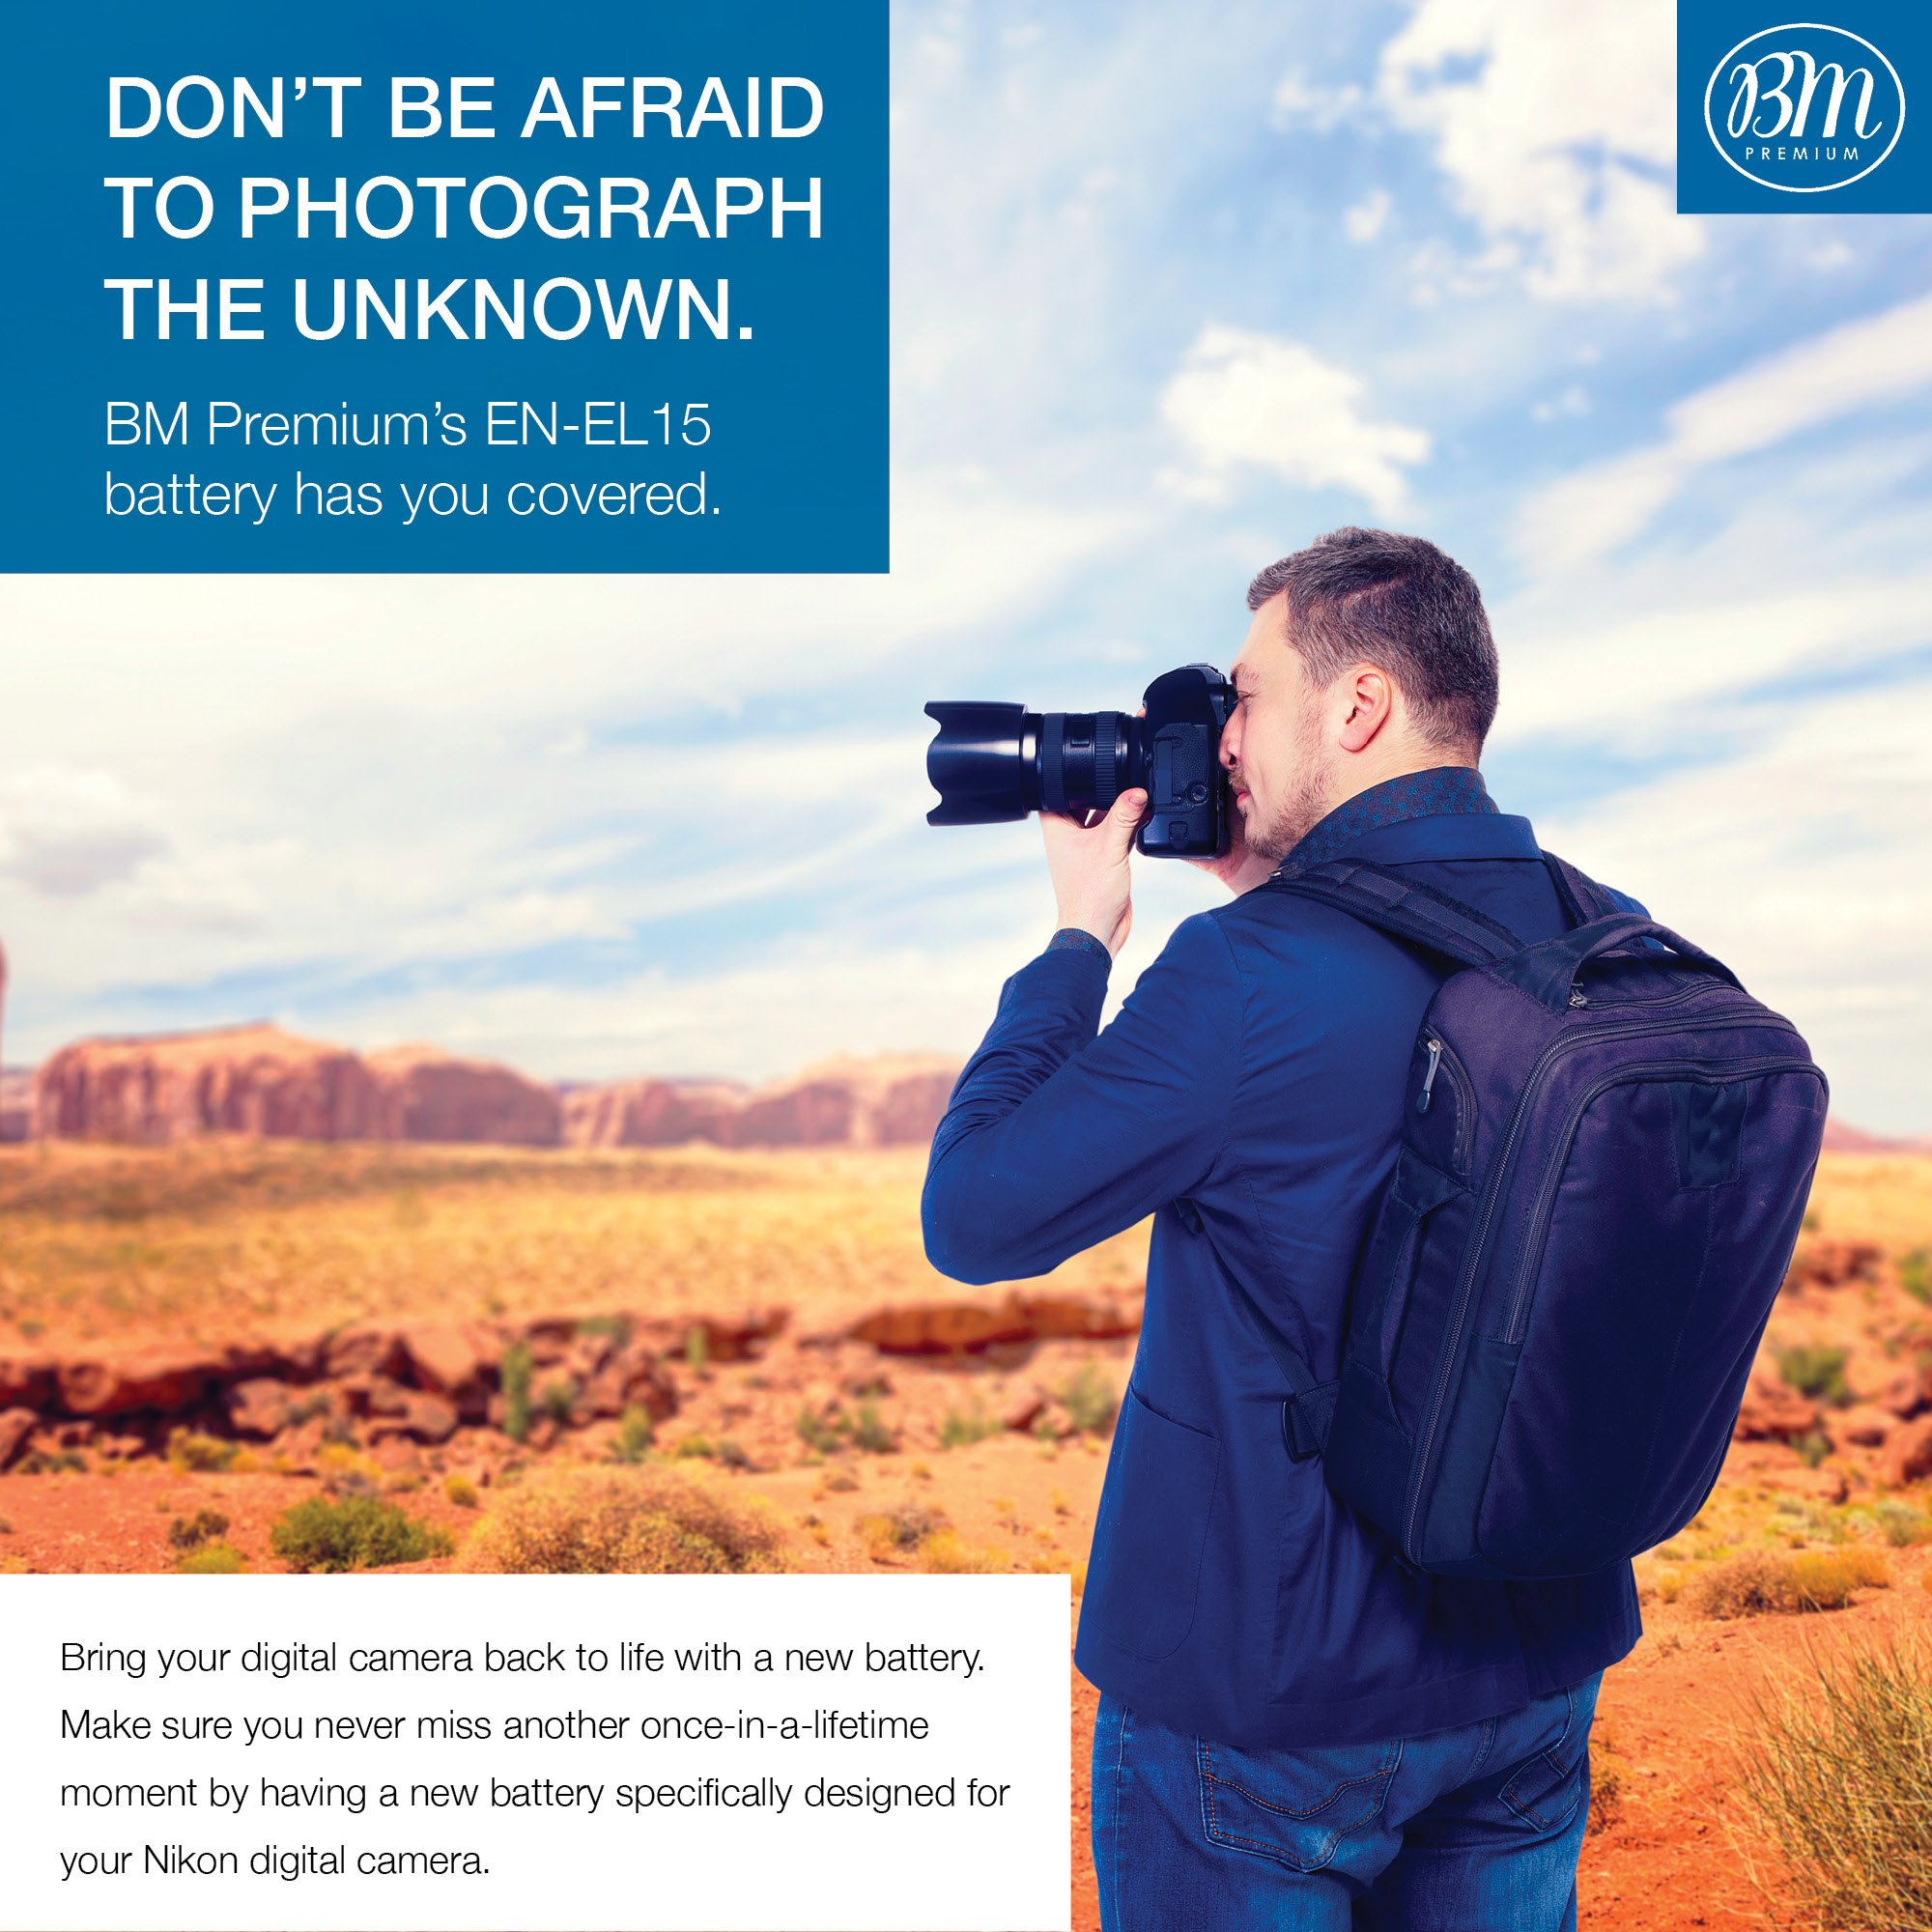 BM Premium EN-EL15 Battery for Nikon D850, D7500, 1 V1, D500, D600, D610, D750, D800, D800E, D810, D810A, D7000, D7100, D7200 Digital SLR Camera by BM Premium (Image #6)